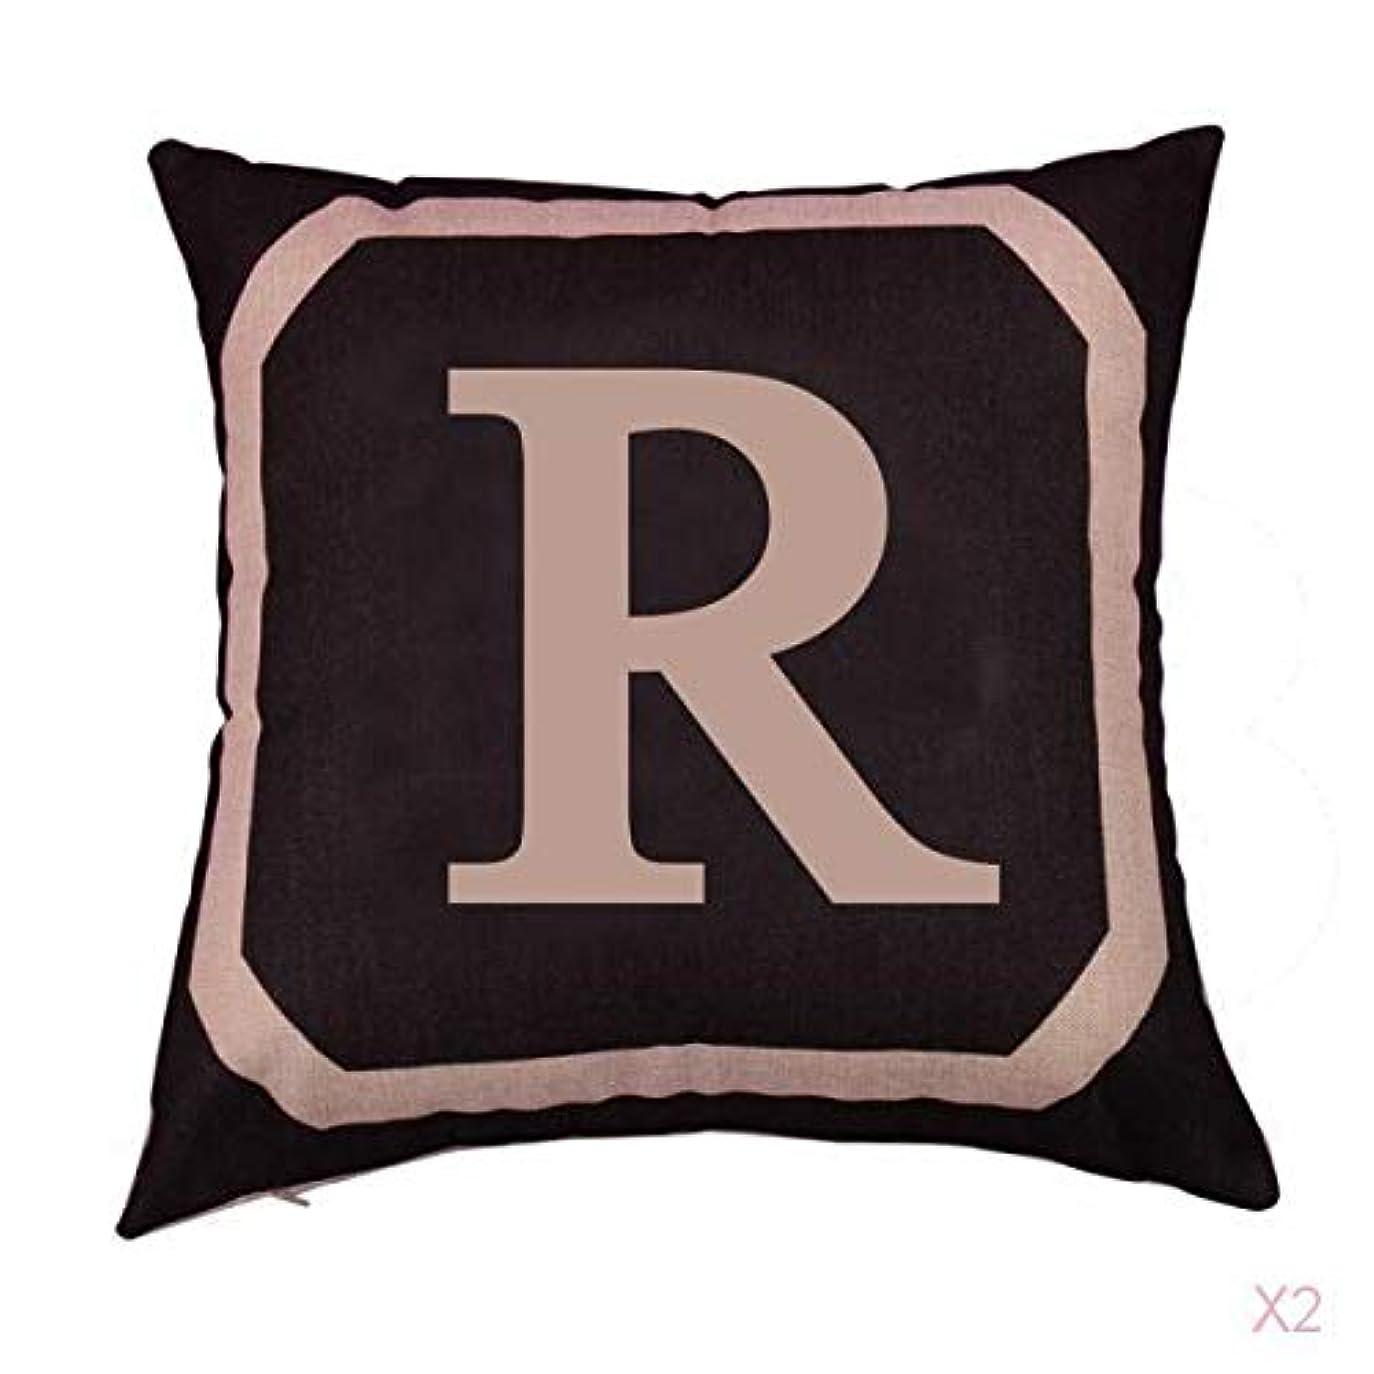 部屋を掃除するバンカー許される正方形の綿のリネンスローピローケース腰クッションカバーベッドソファ装飾rを